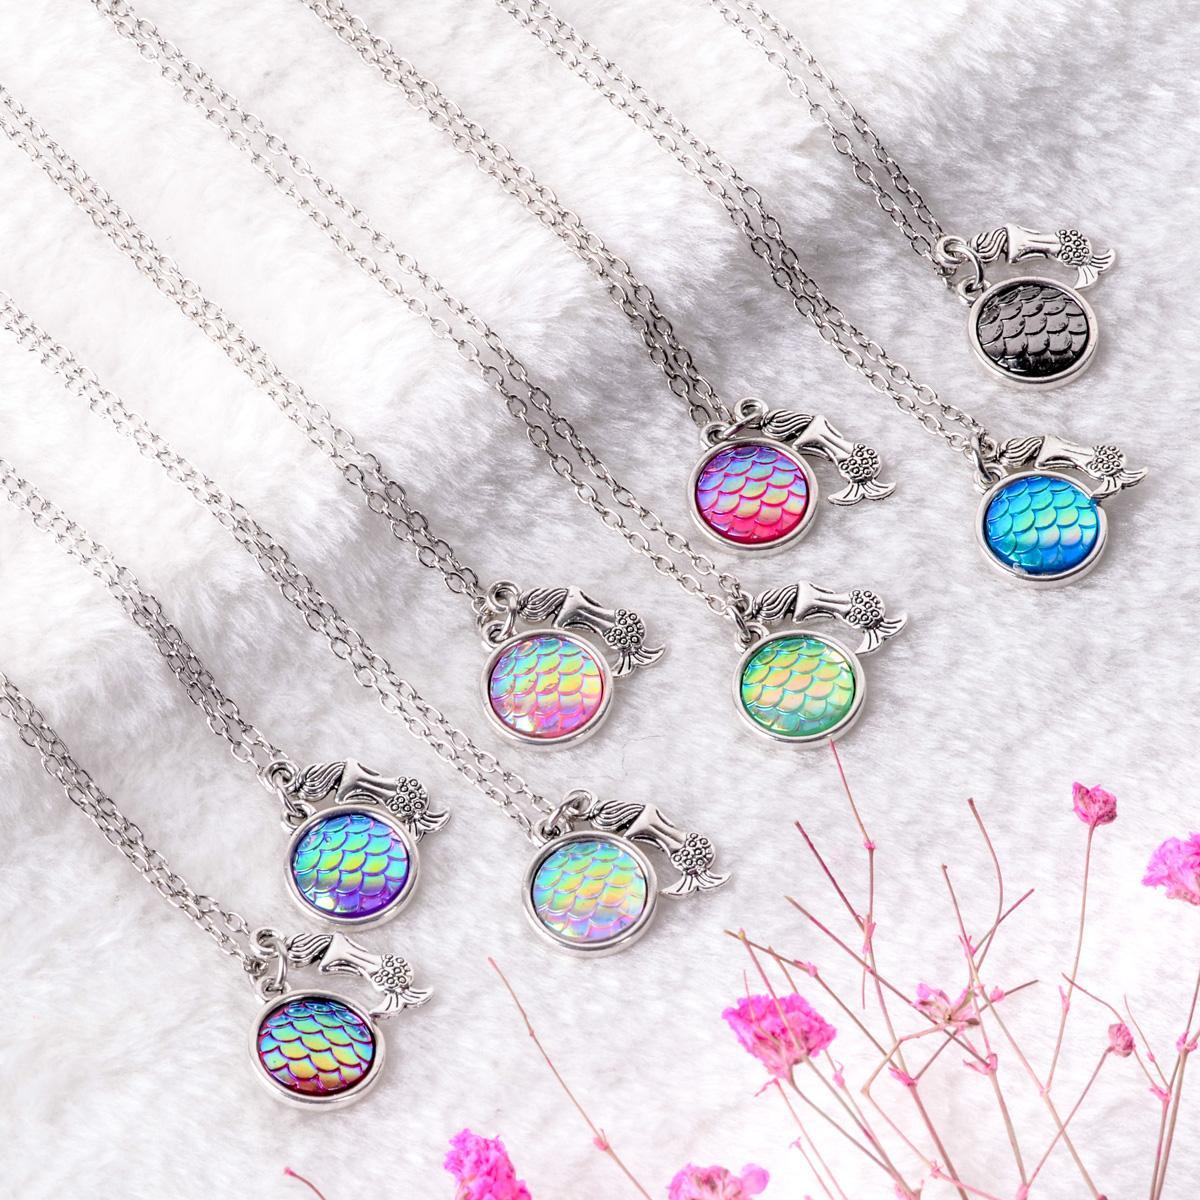 Nuovo design affascinante Neckalce AB arcobaleno colore scale a sirena ciondolo in resina fascino collane per le donne accessori gioielli donna